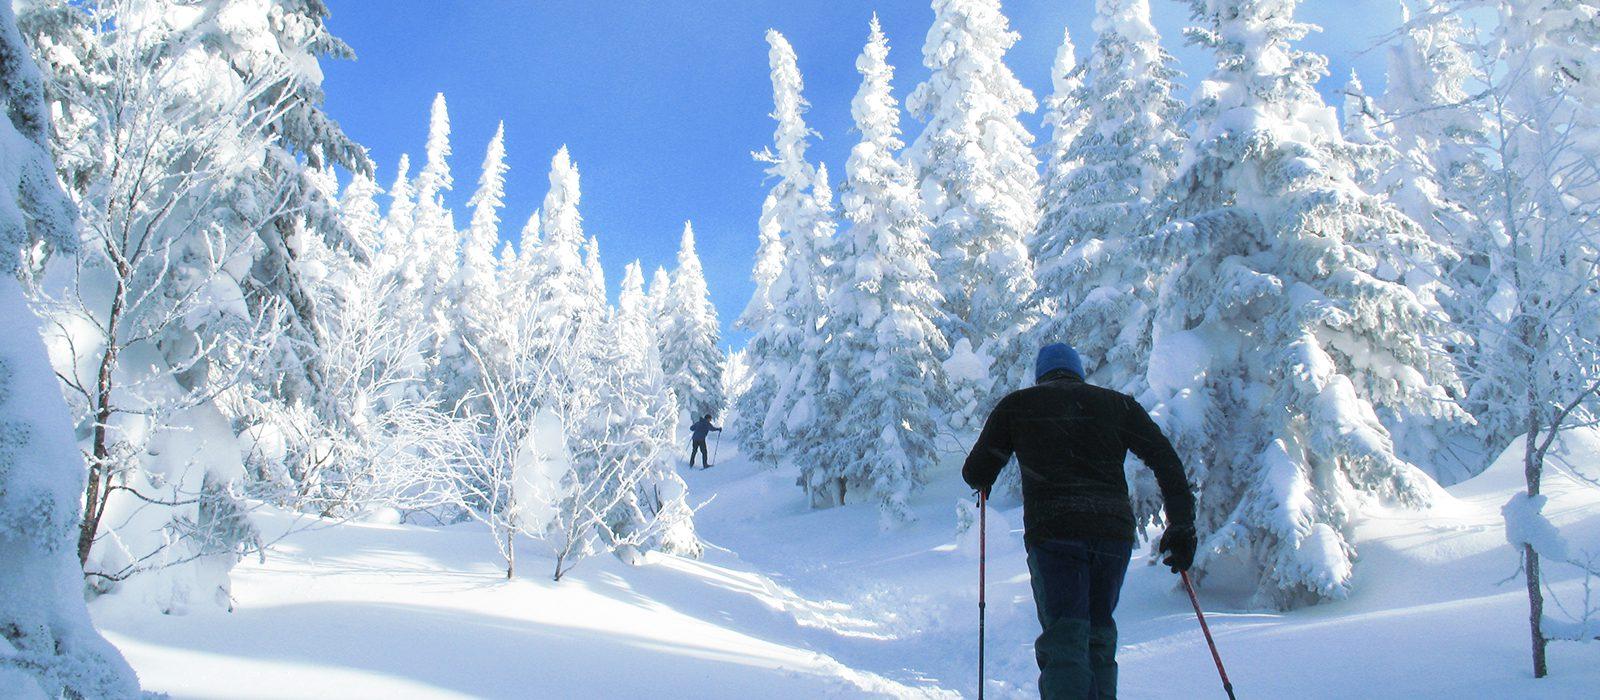 7-commandements-hiver-quebecois-geant-vallee-fantomes-saguenay-lac-saint-jean-quebec-le-mag